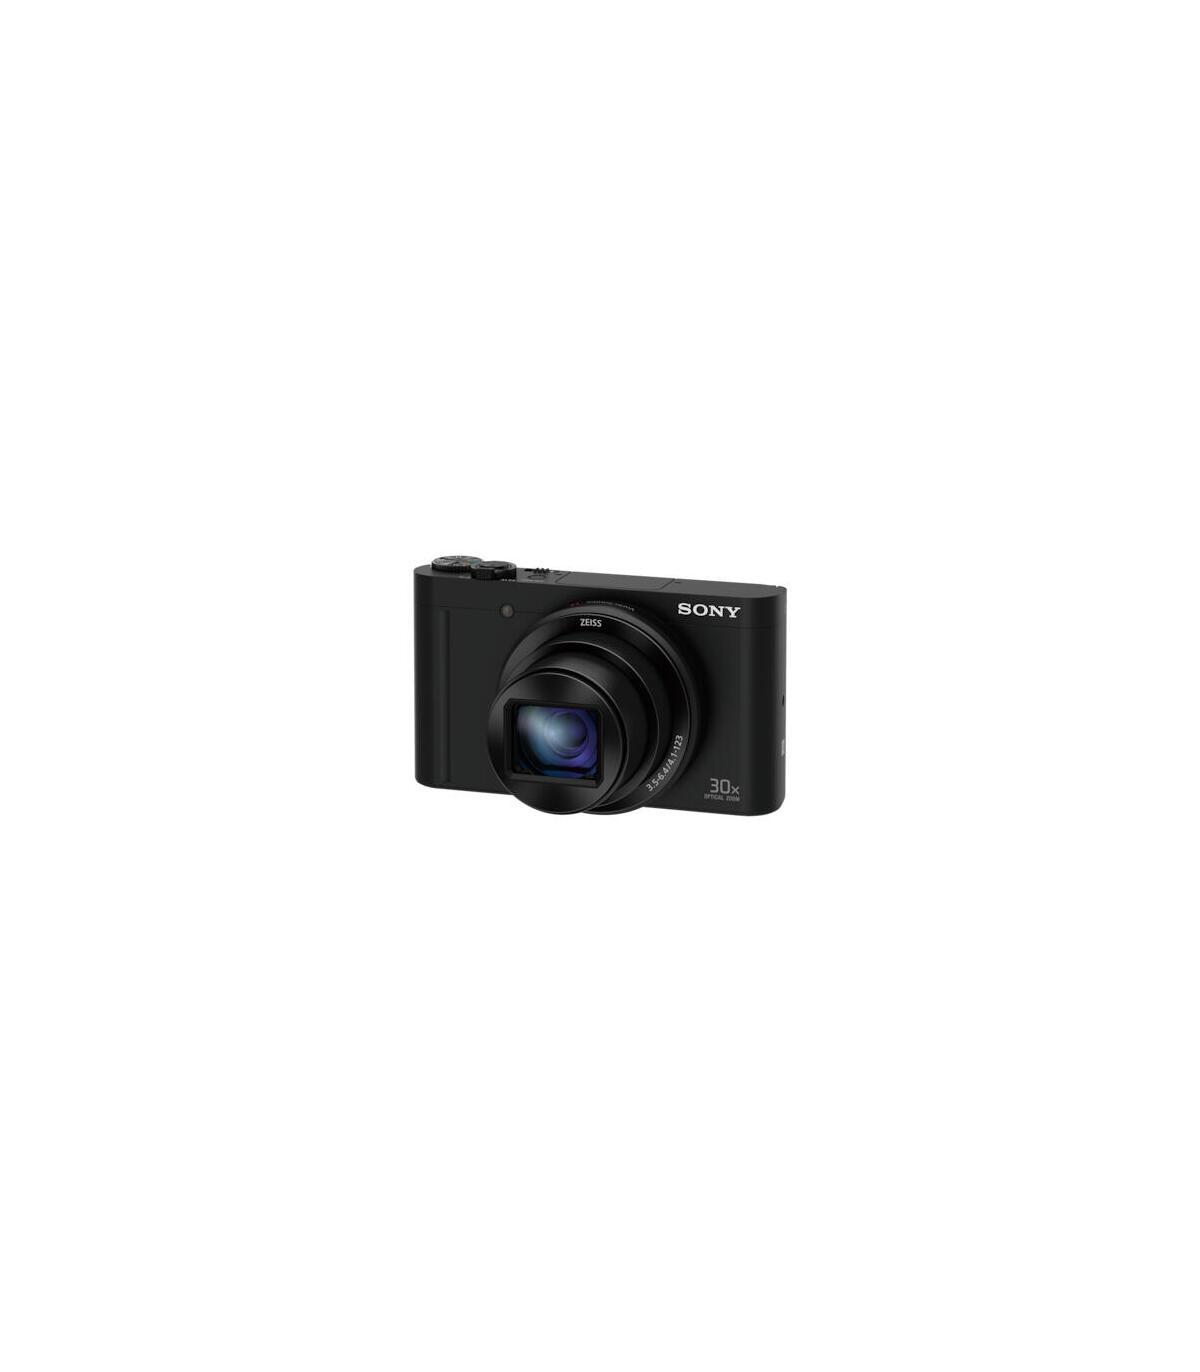 USB Cargador fuente alimentación para Sony CyberShot dsc-rx100 mark 5 dsc-rx100m5a